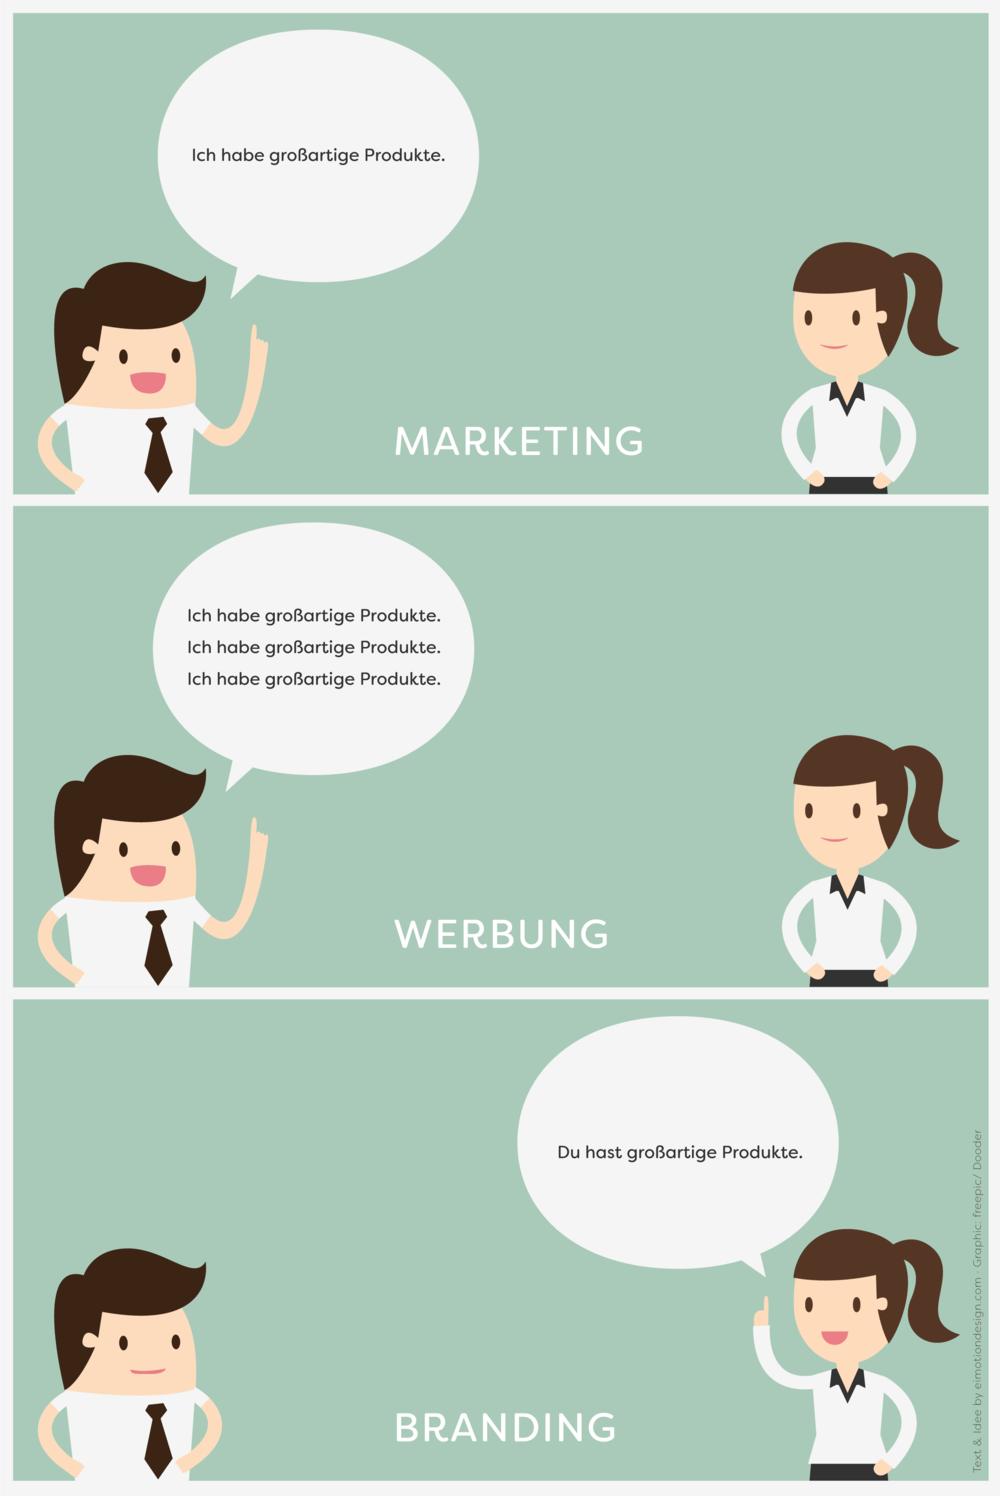 was-ist-Branding-workers-speaking-Freepix.png